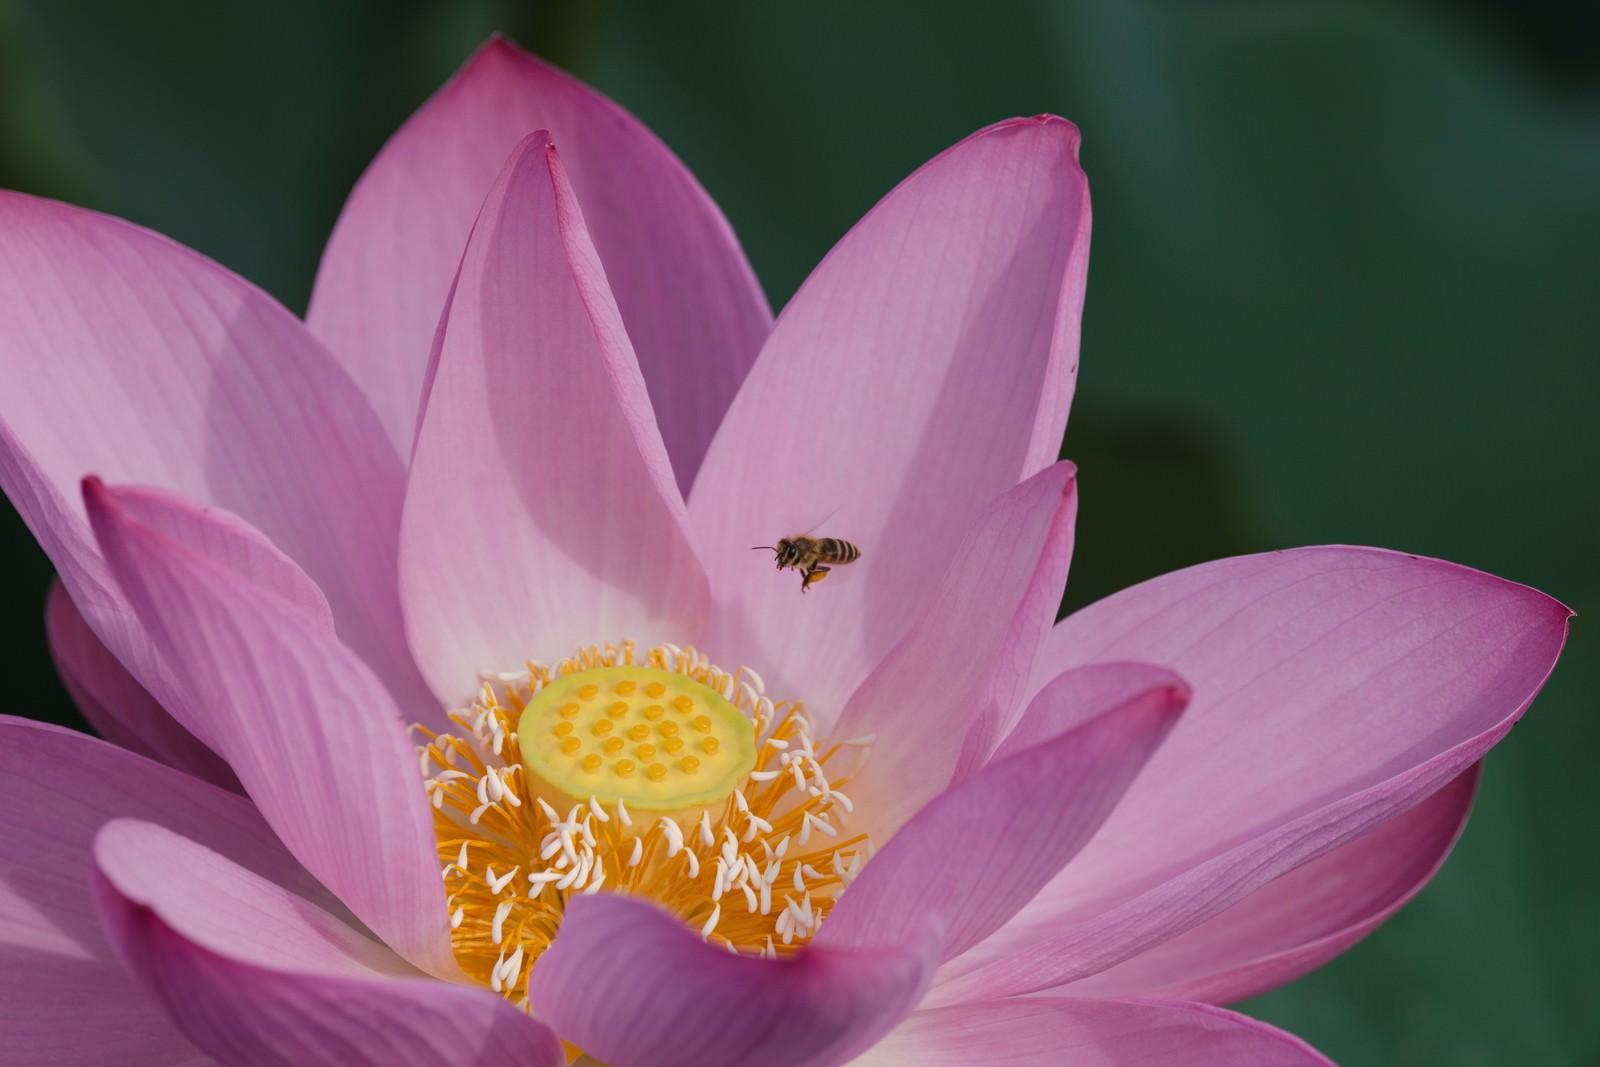 「蓮の雄しべに誘われる蜂」の写真